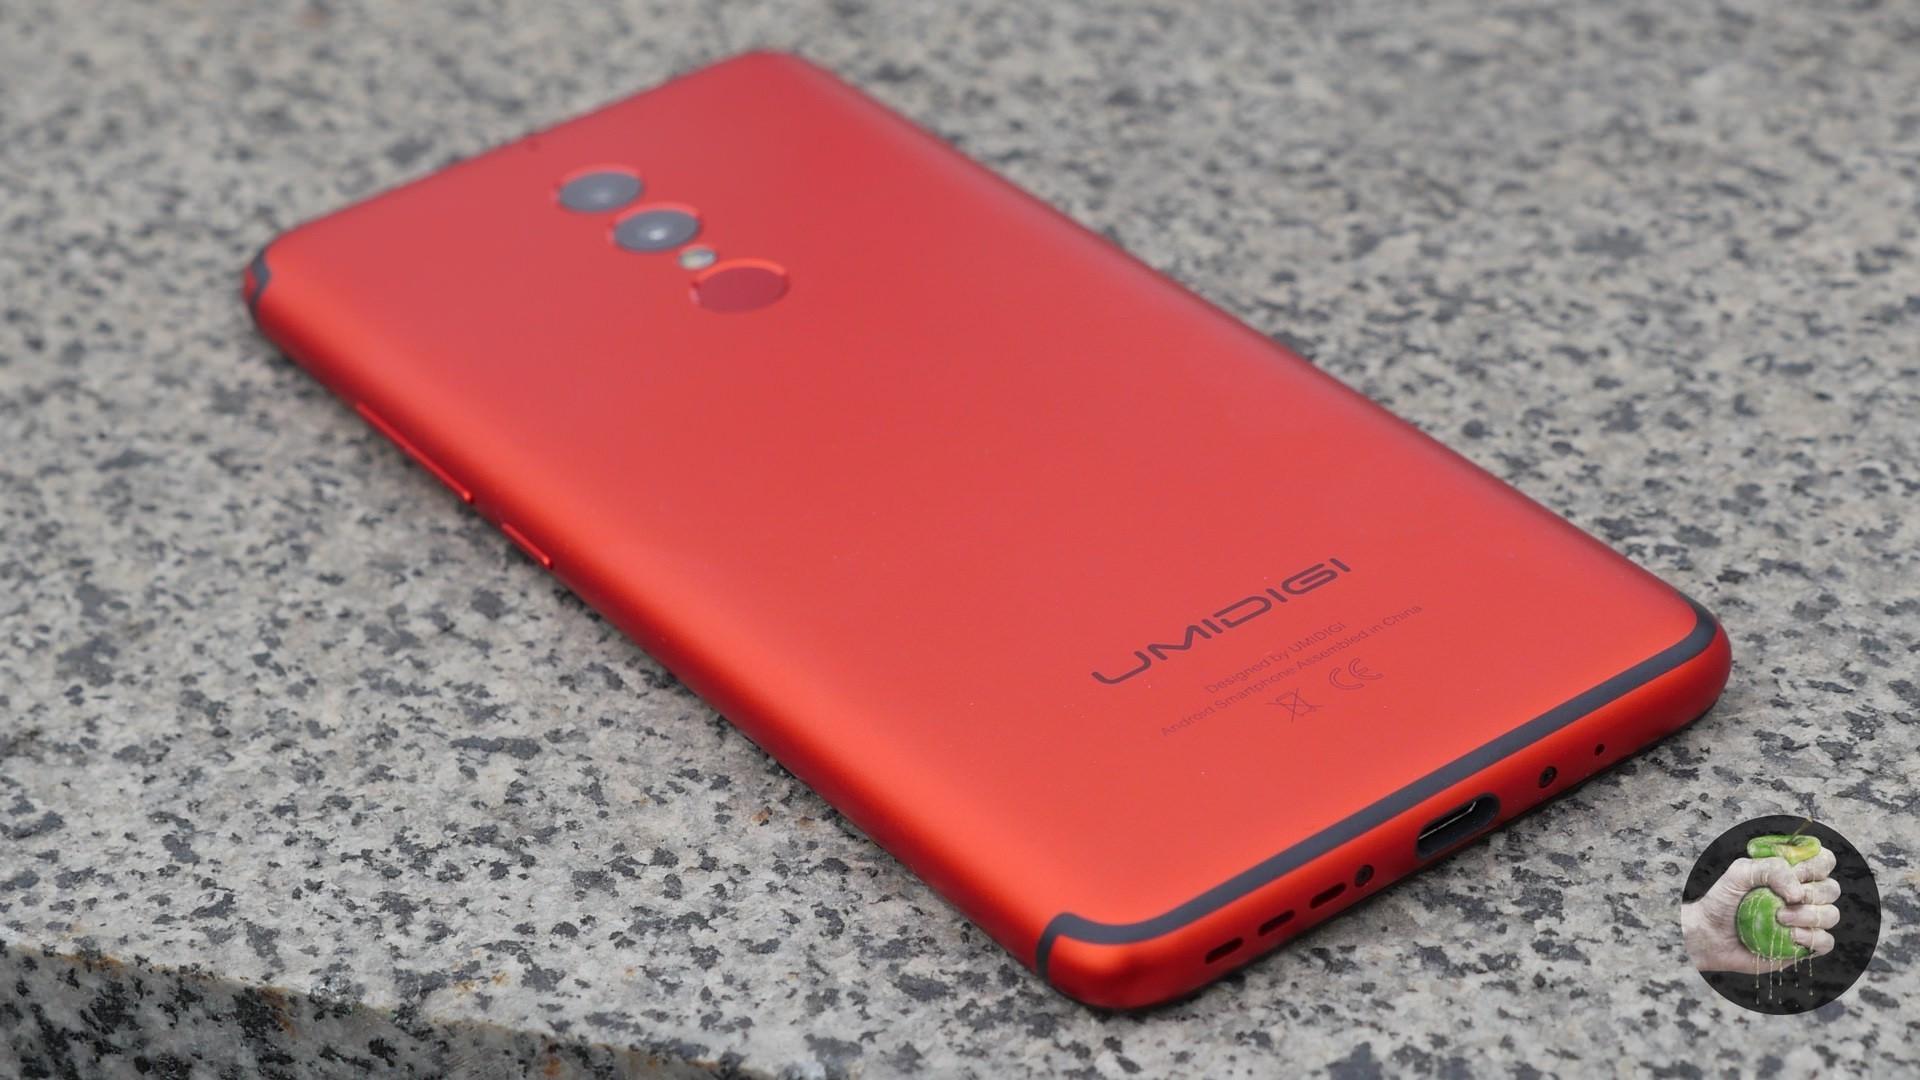 Umidigi S2 Lite: красный китайский фонарик